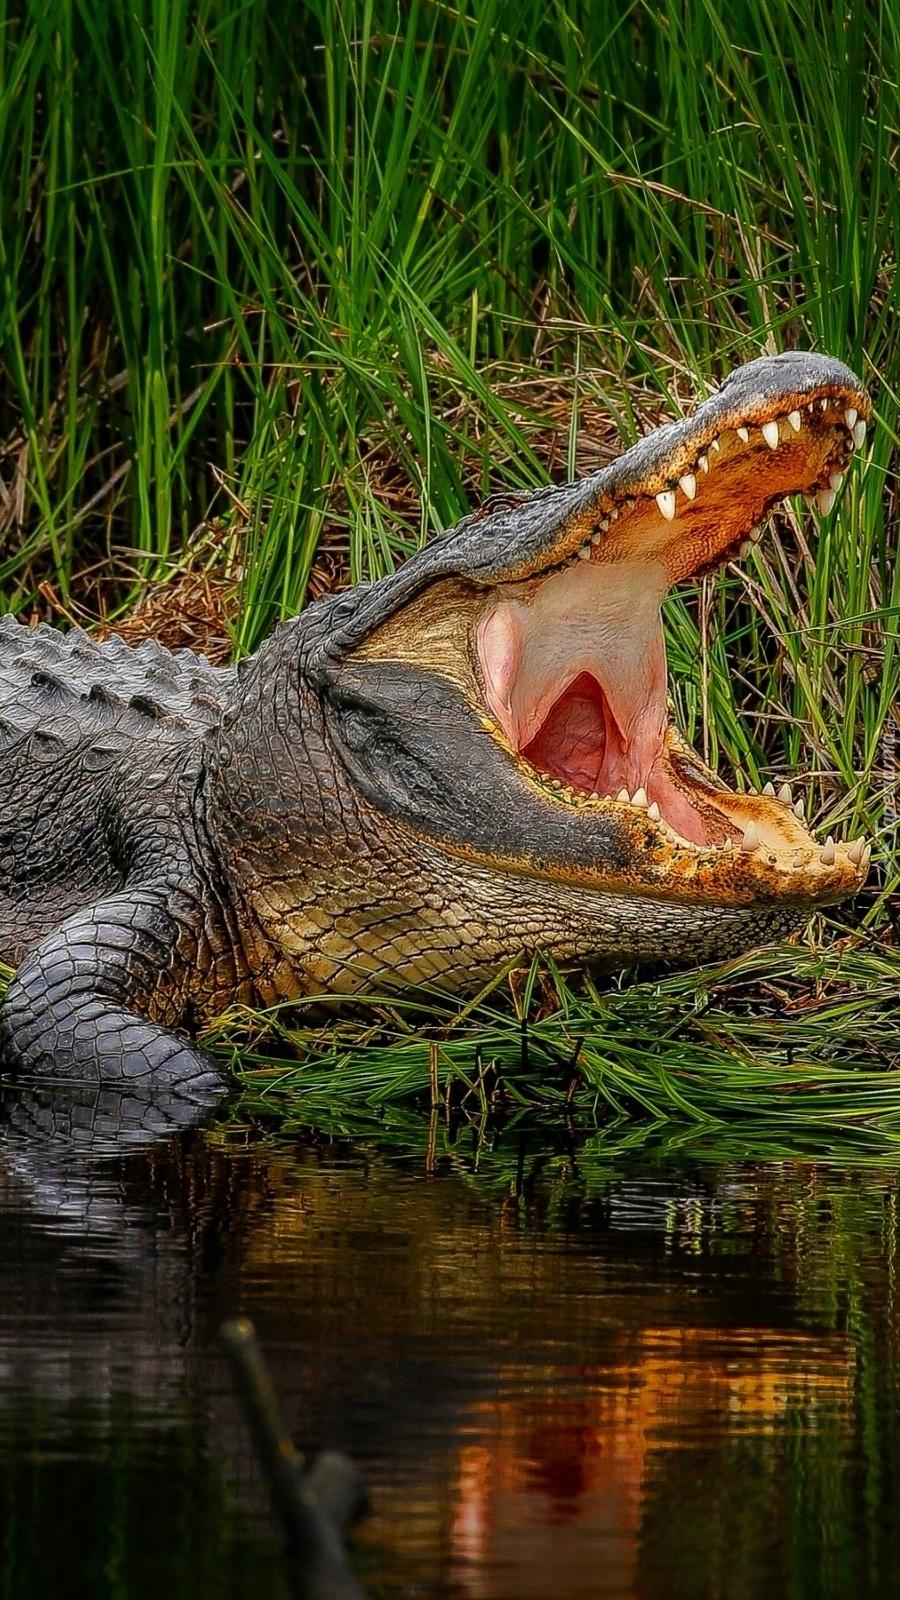 Krokodyl z otwartą paszczą nad wodą